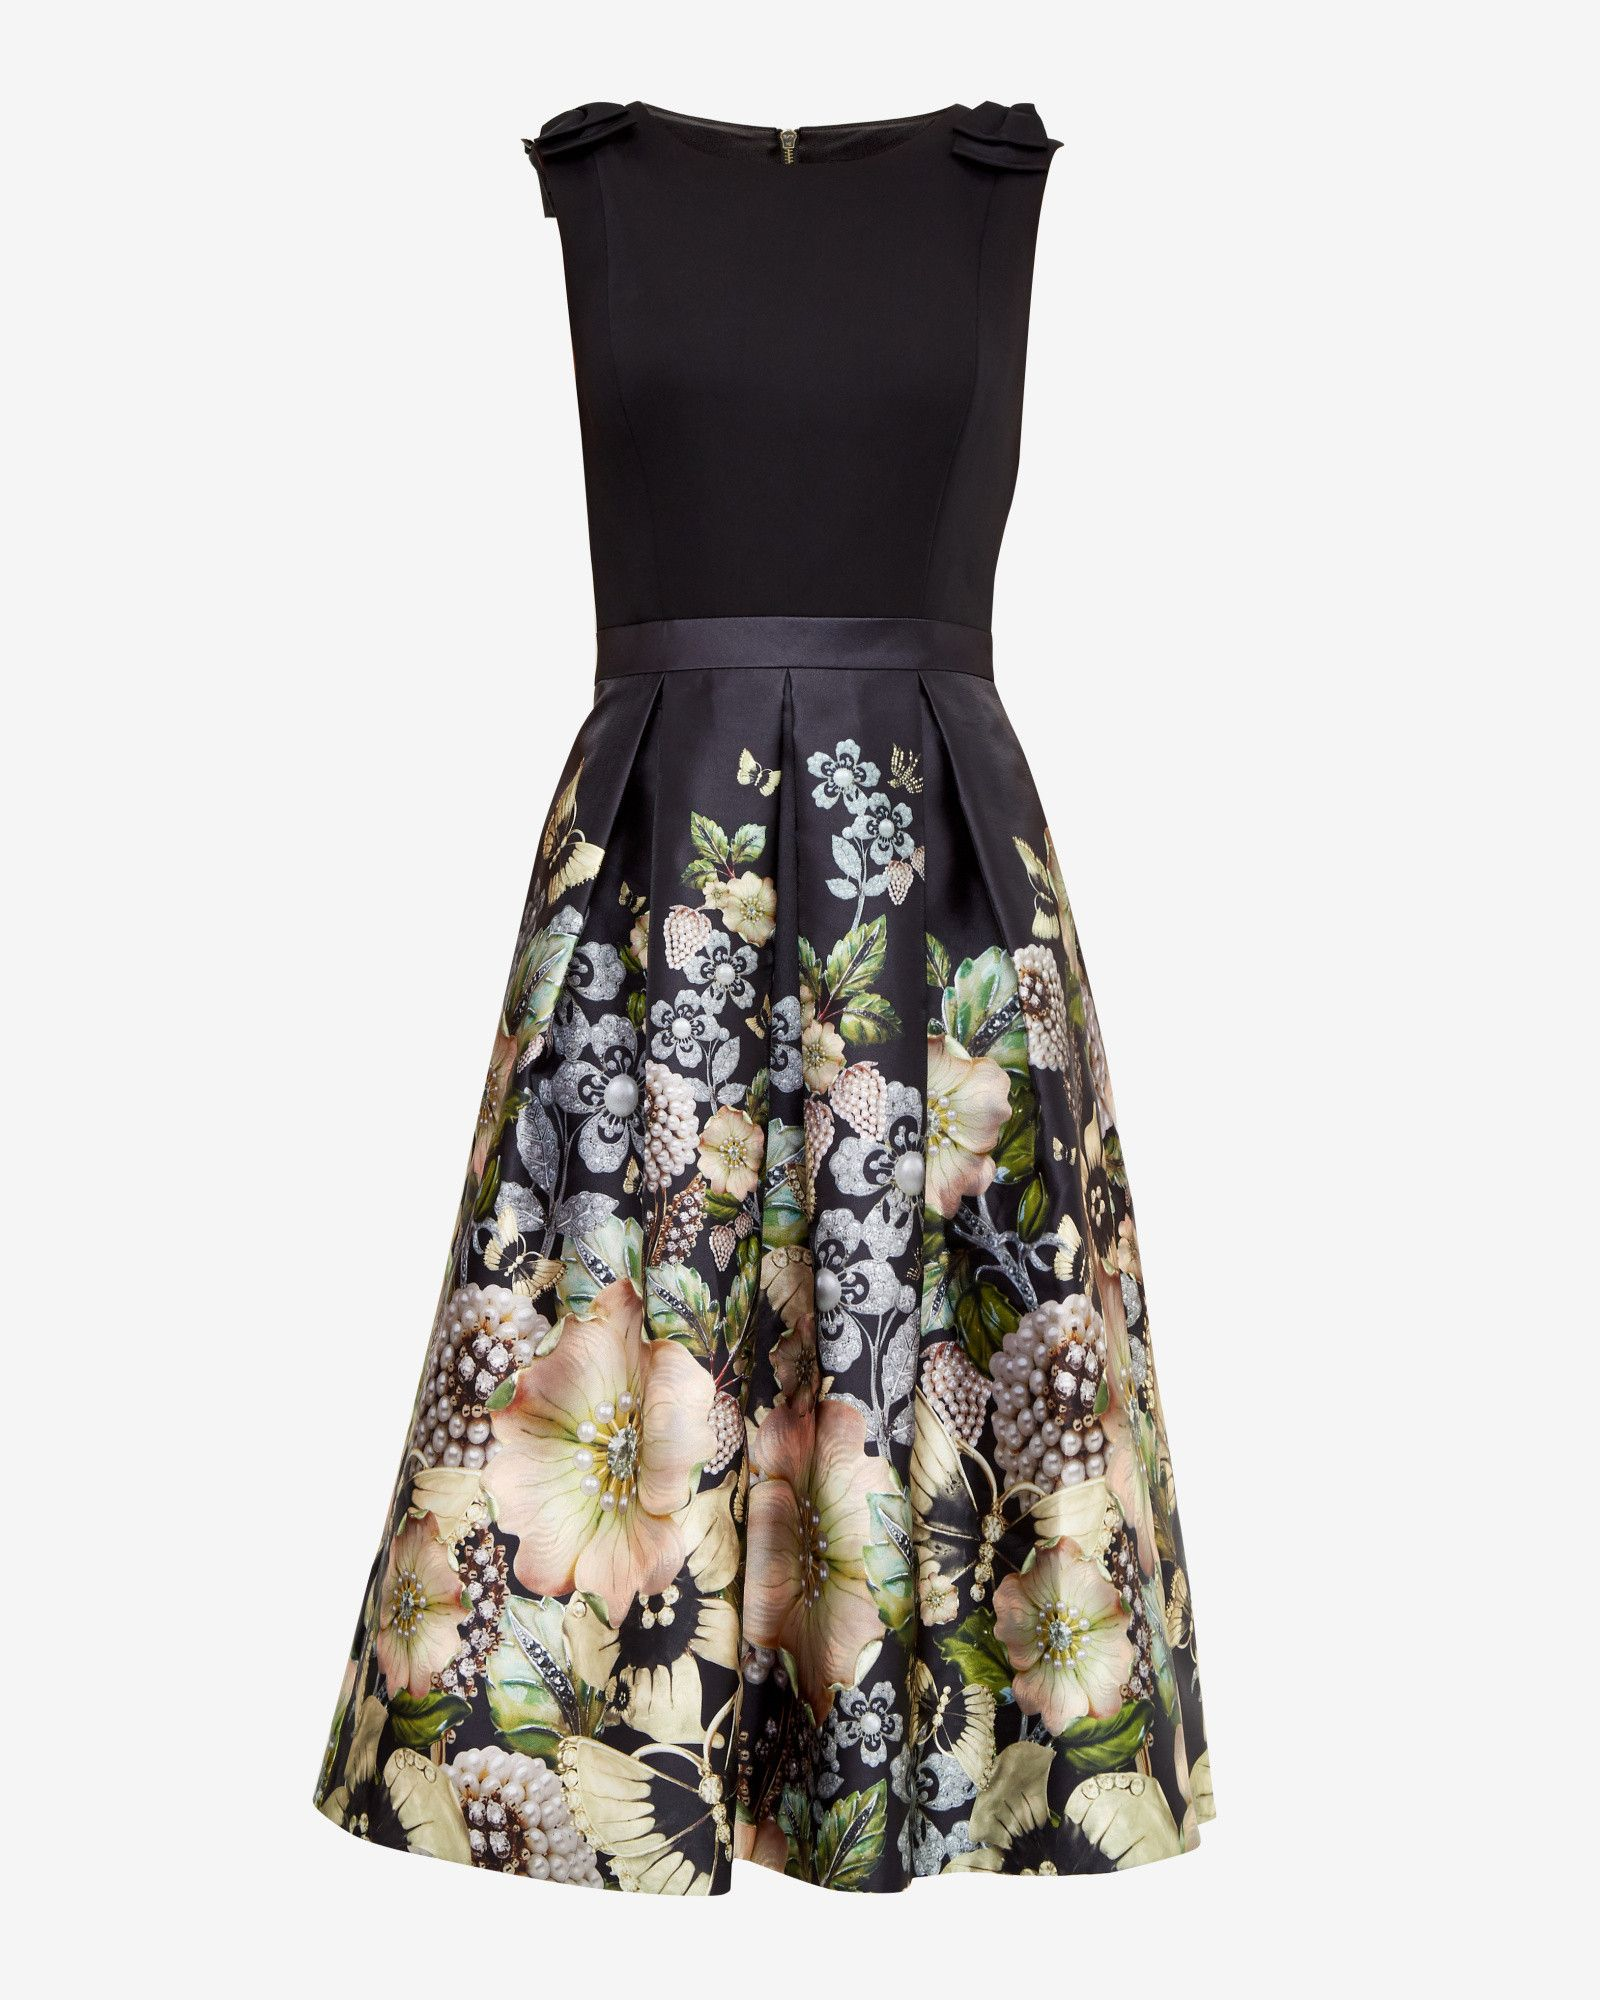 Gem Gardens pleated dress - Black  Dresses  Ted Baker UK  Bow